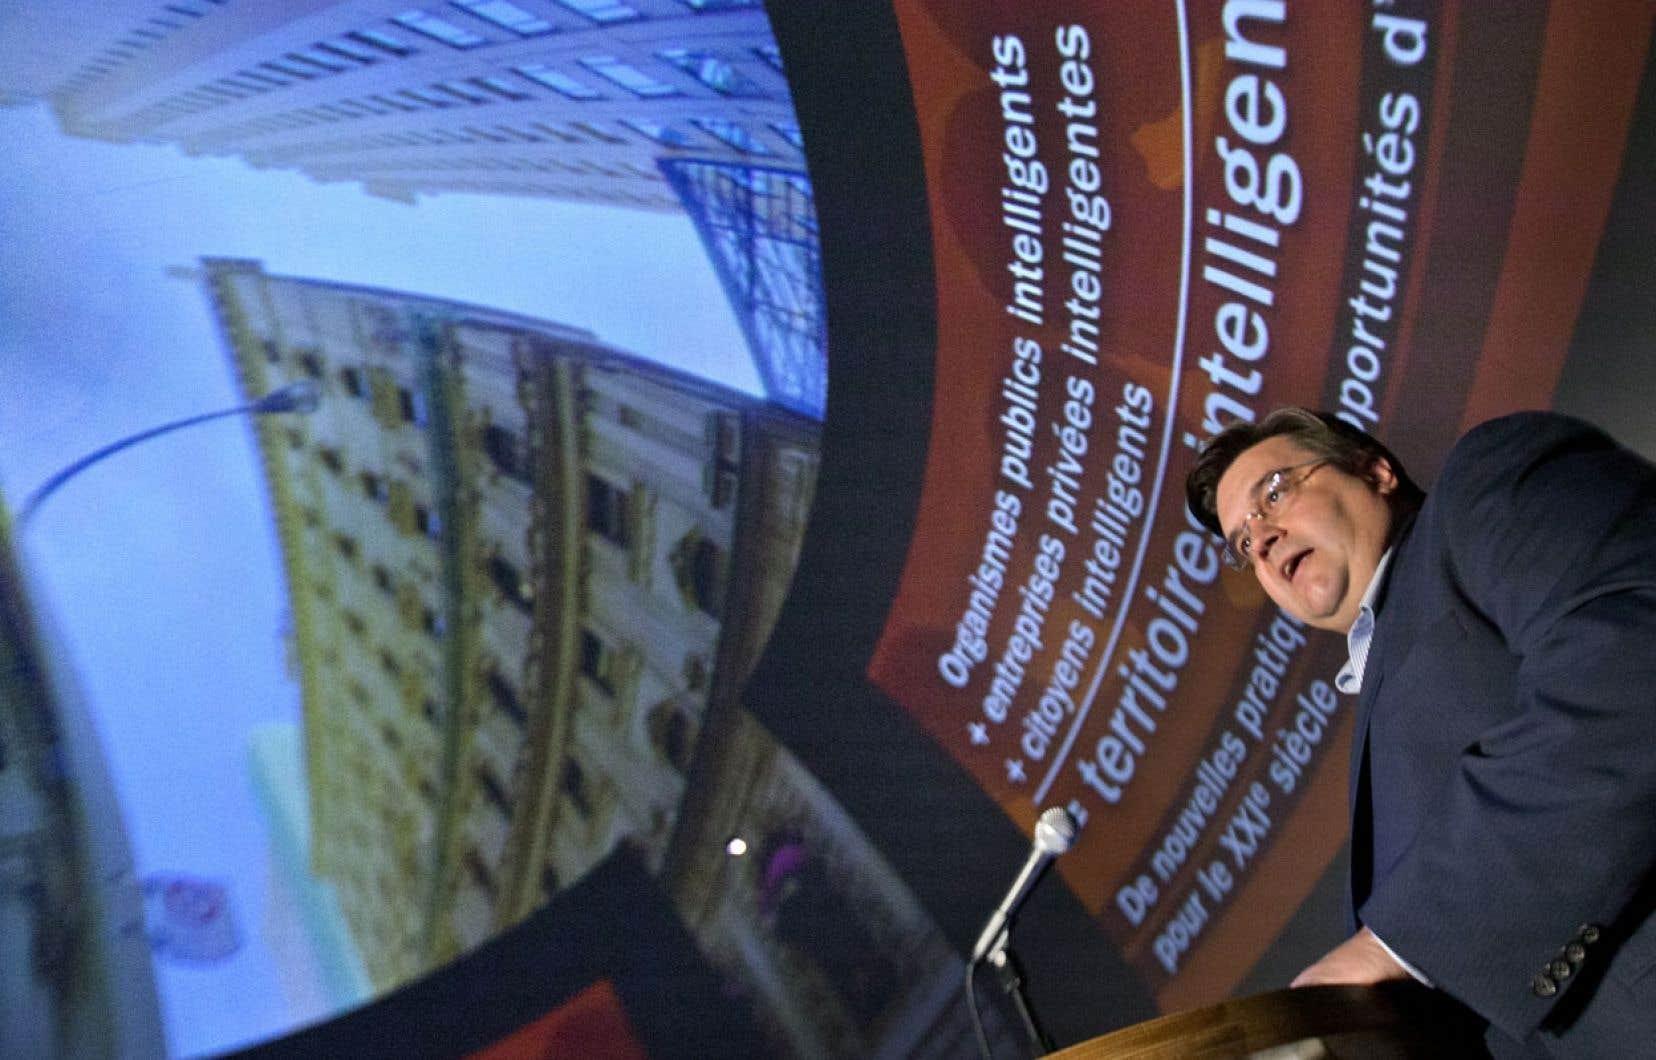 Le maire de Montréal, Denis Coderre, a promis de faire entrer la ville dans l'ère numérique afin de mettre les technologies de l'information au service des citoyens.